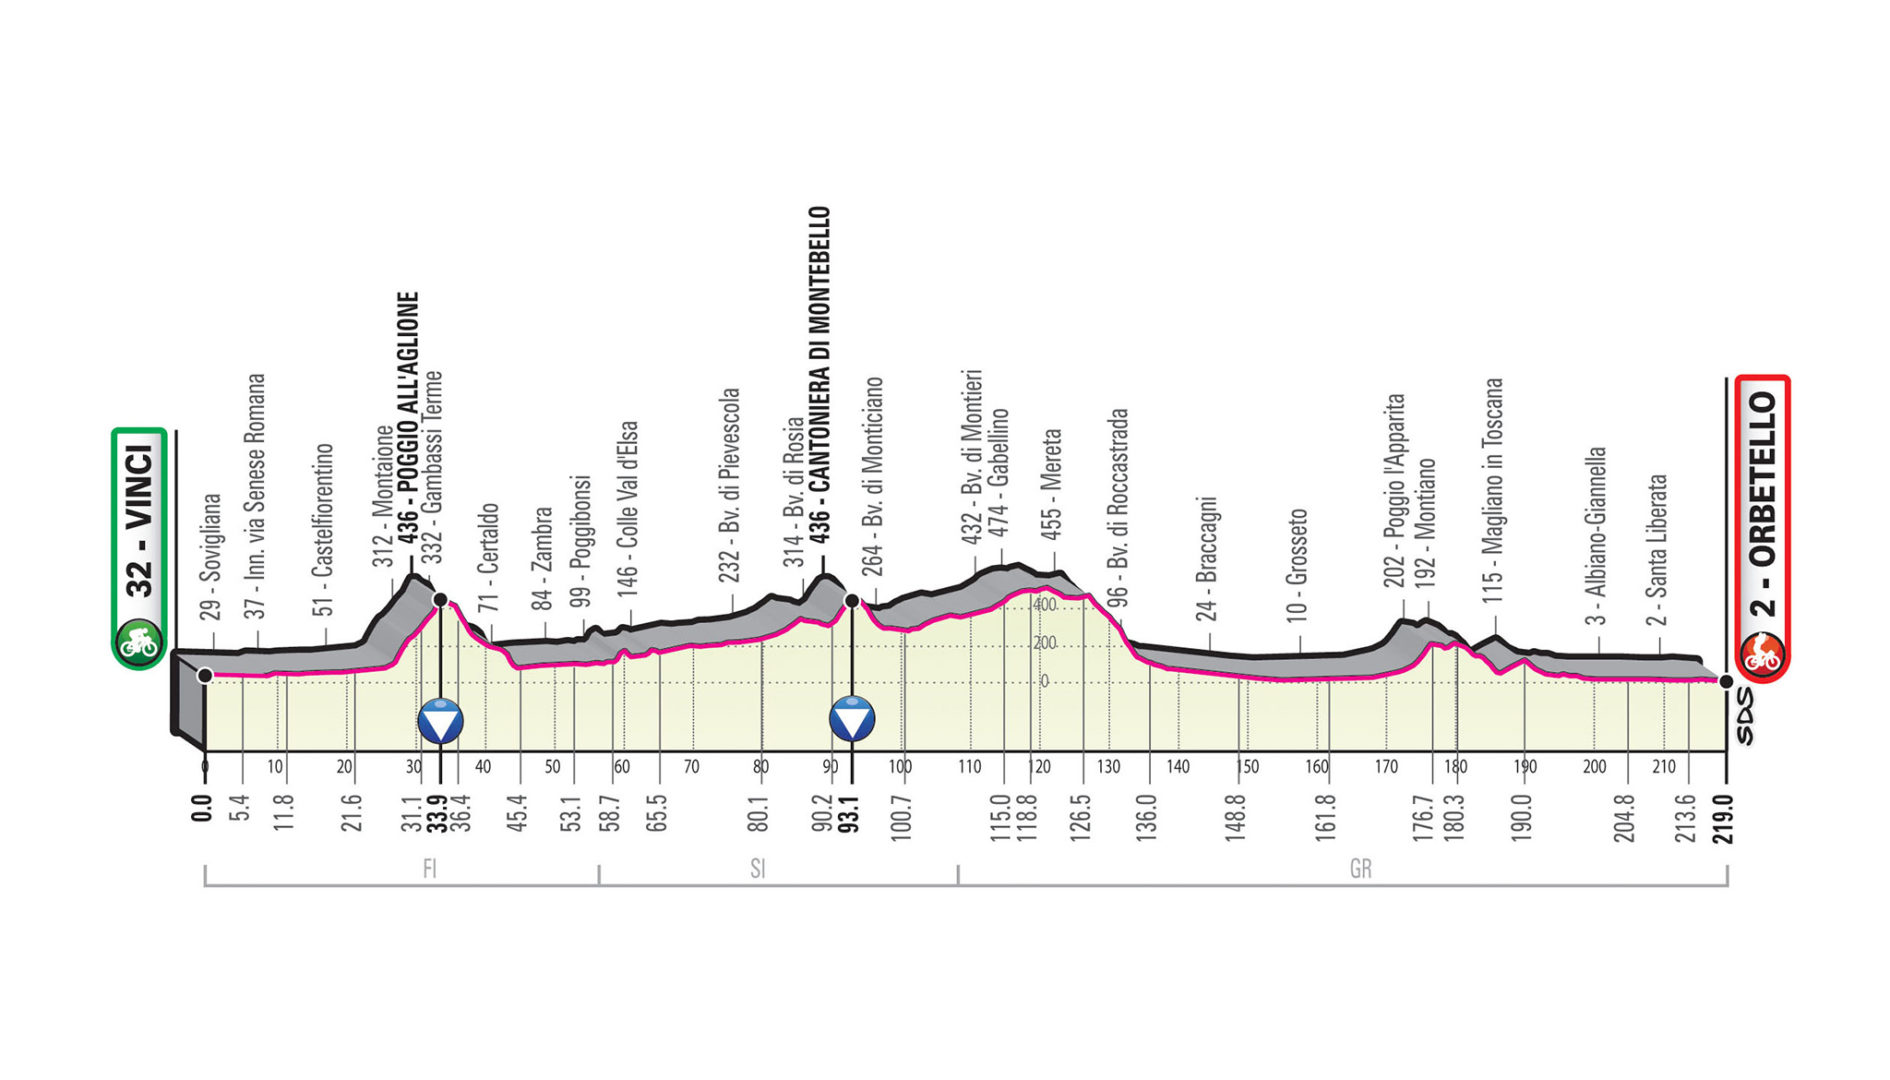 Vinci – Orbetello. 219 kms.